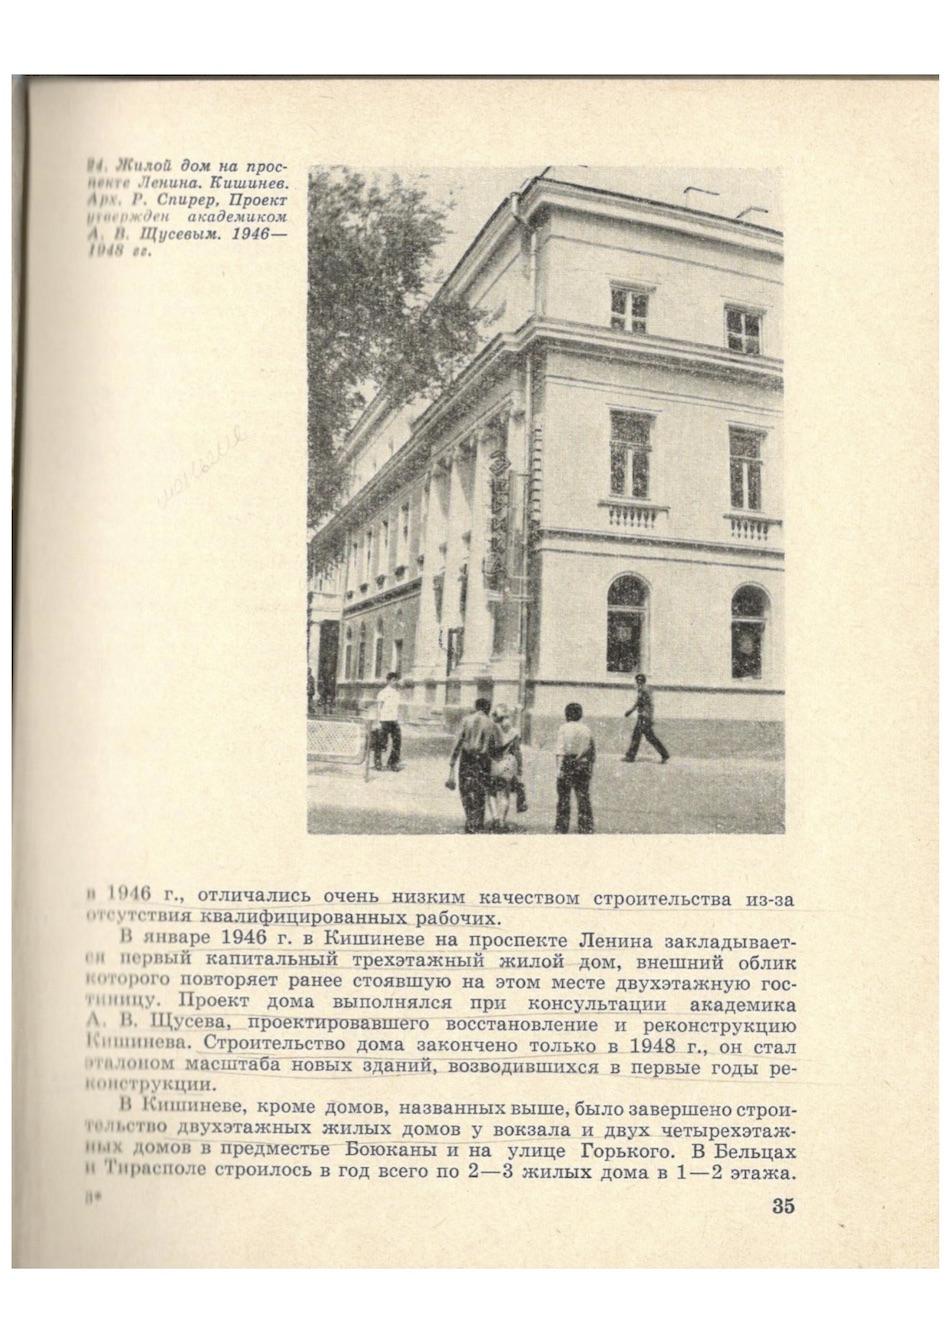 293918-Градостроительство-Молдавии-В-Ф-Смирнов